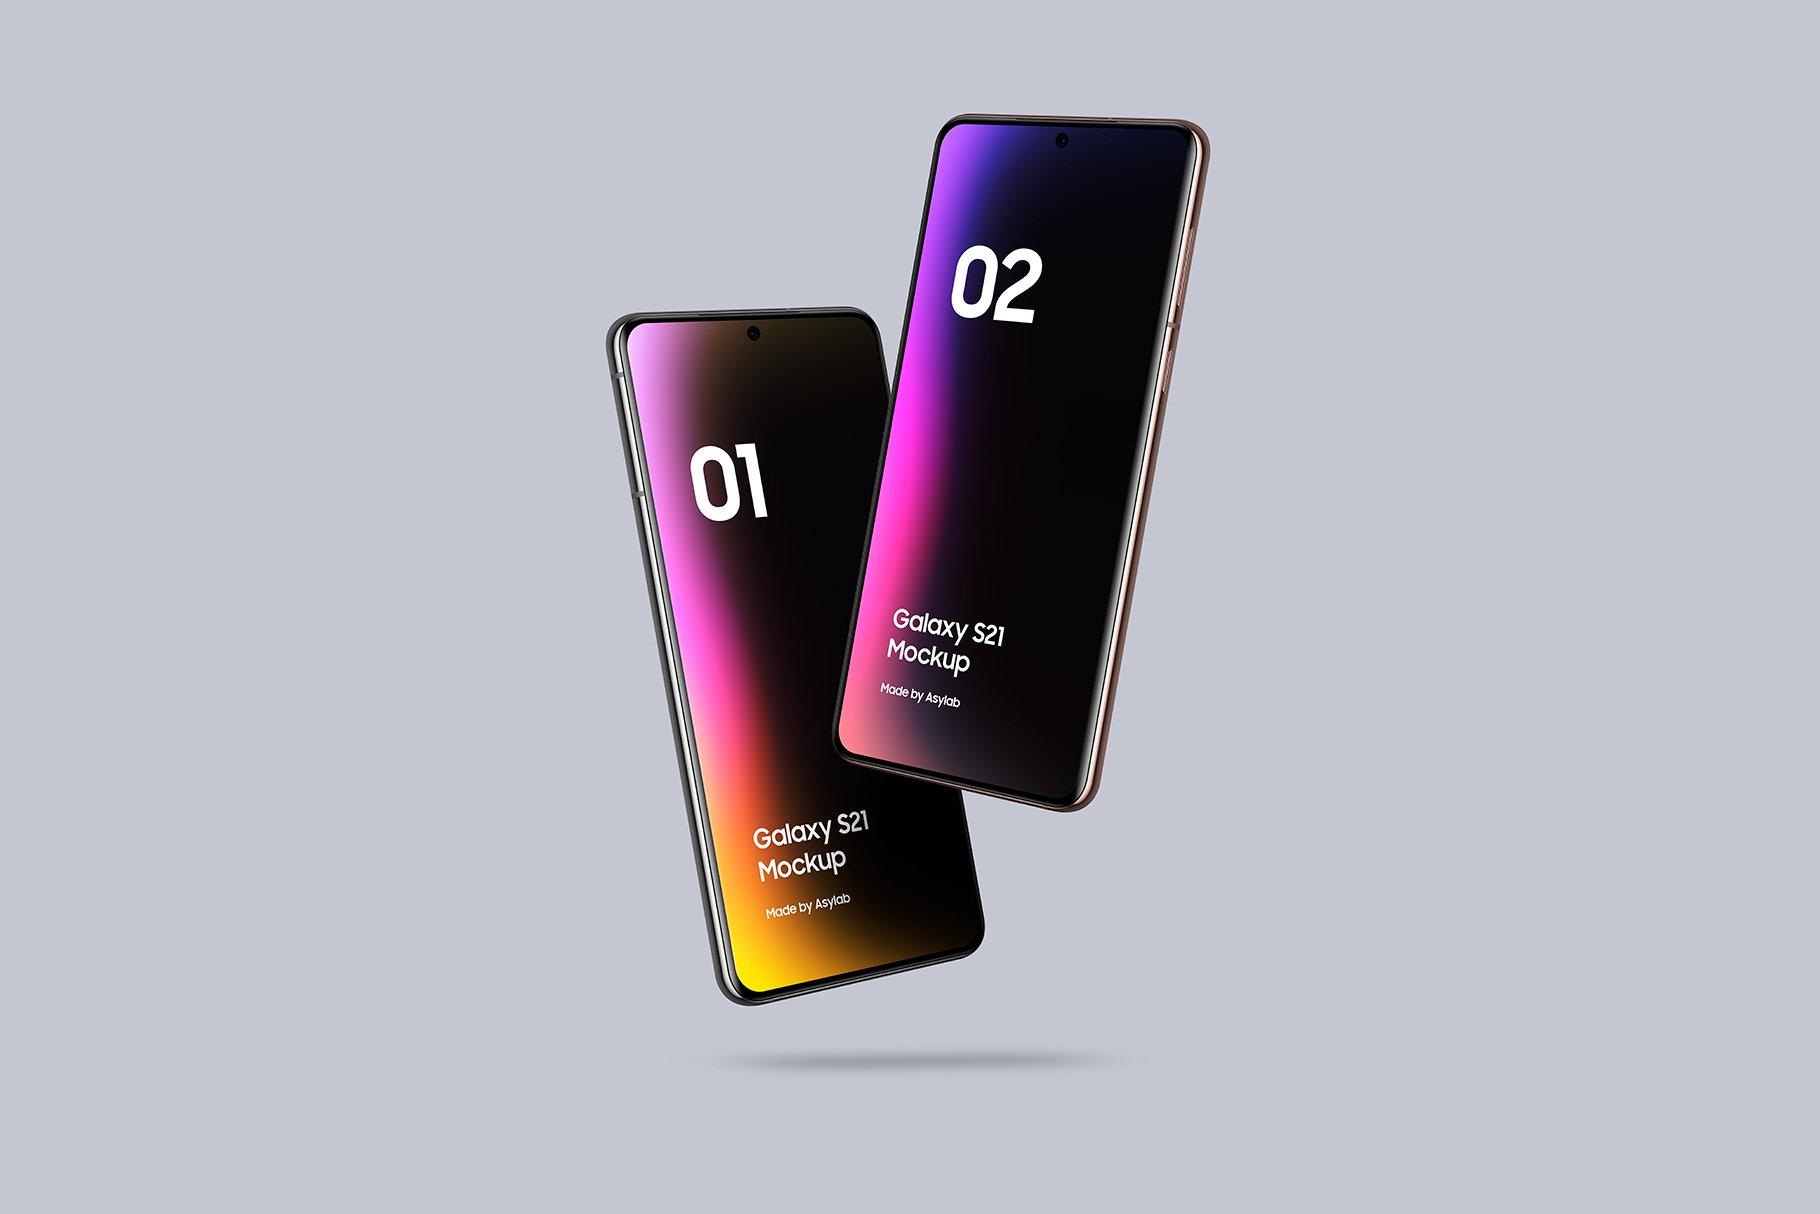 [单独购买] 20款三星Galaxy S21手机网站APP界面设计演示样机模板套件 Galaxy S21 – 20 Mockups Scenes插图37